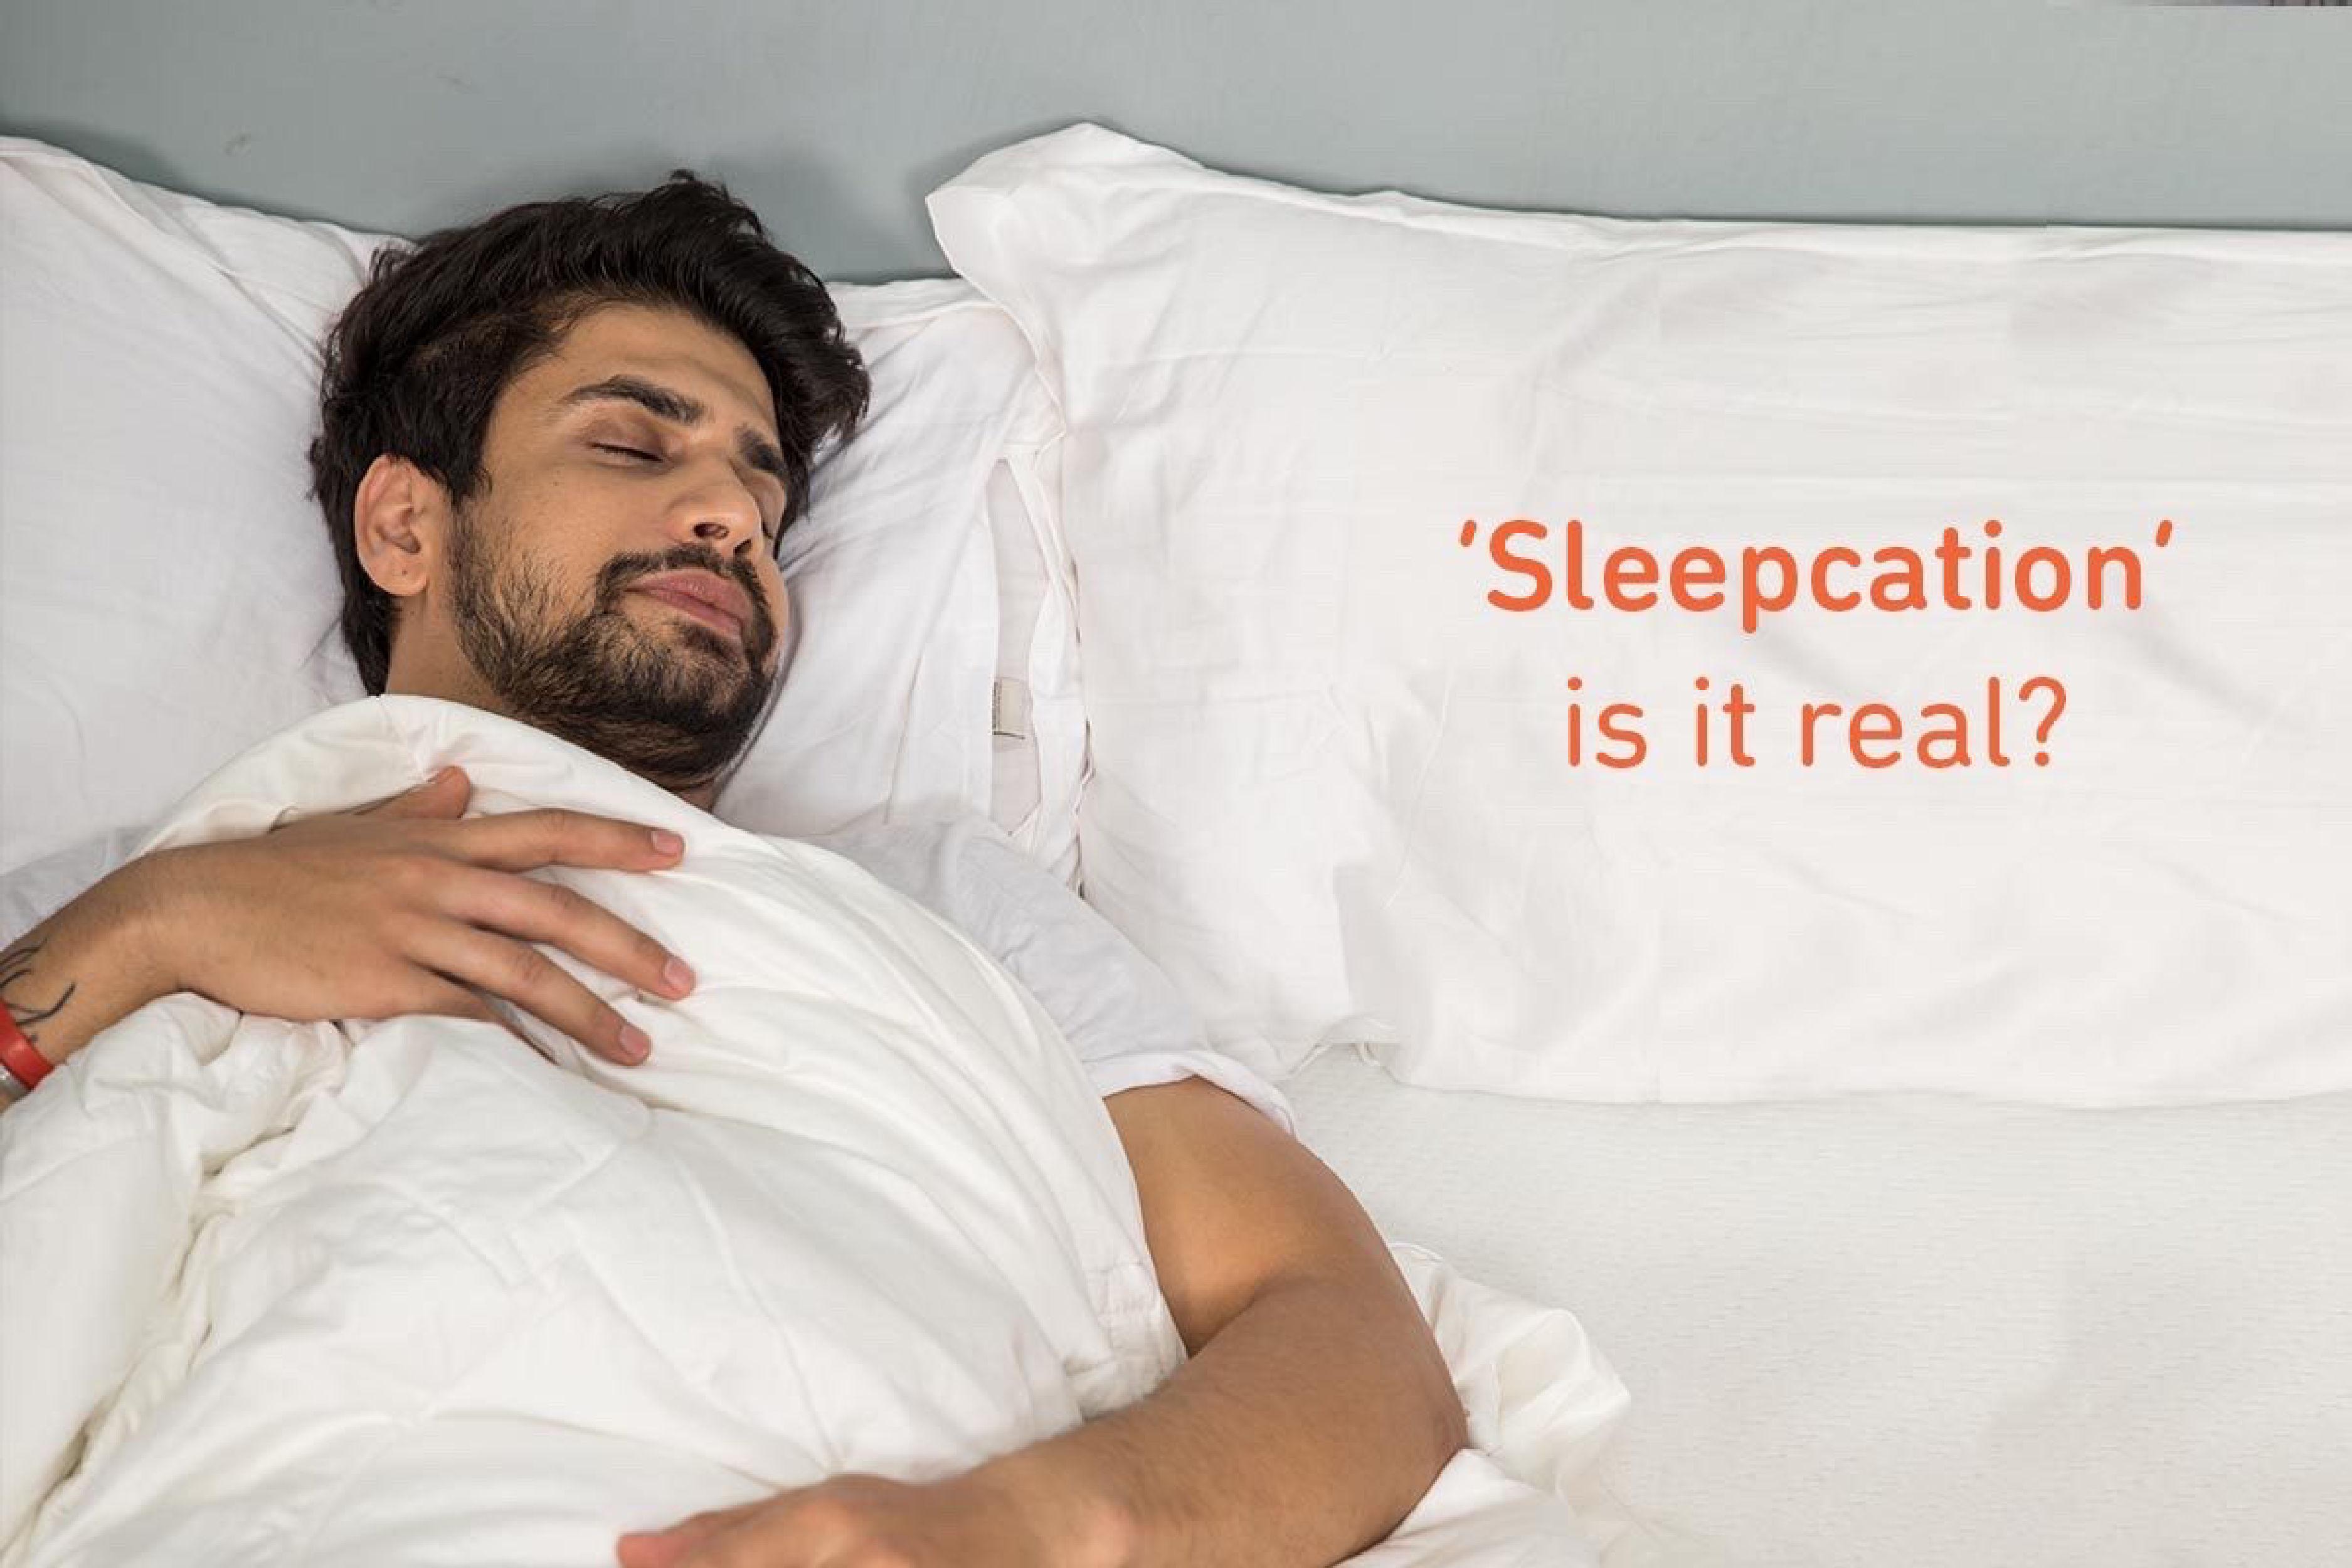 Sleep all day!